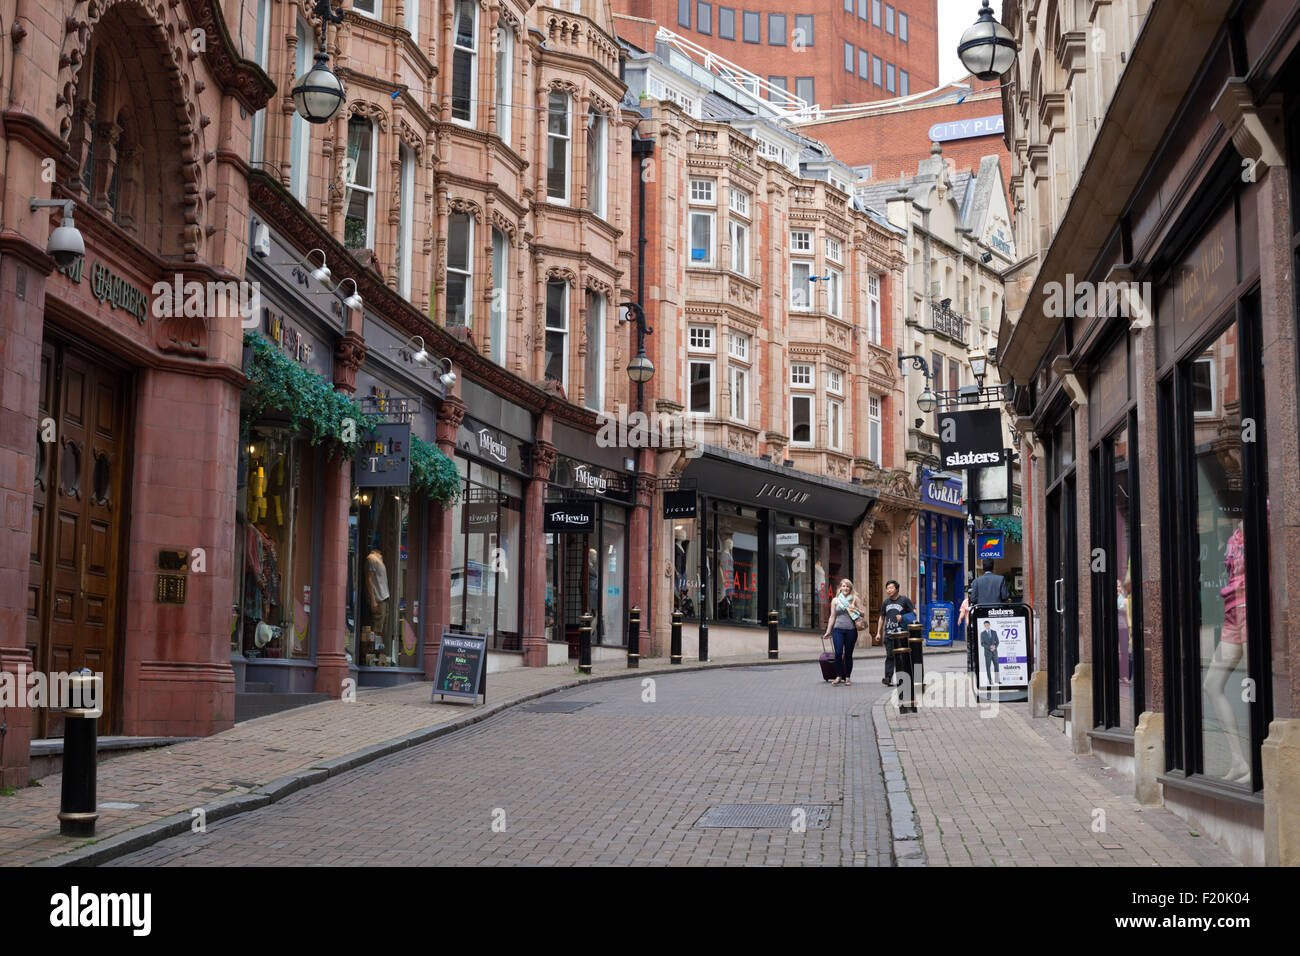 Cannon Street, Birmingham, West Midlands, England, United Kingdom, Europe - Stock Image